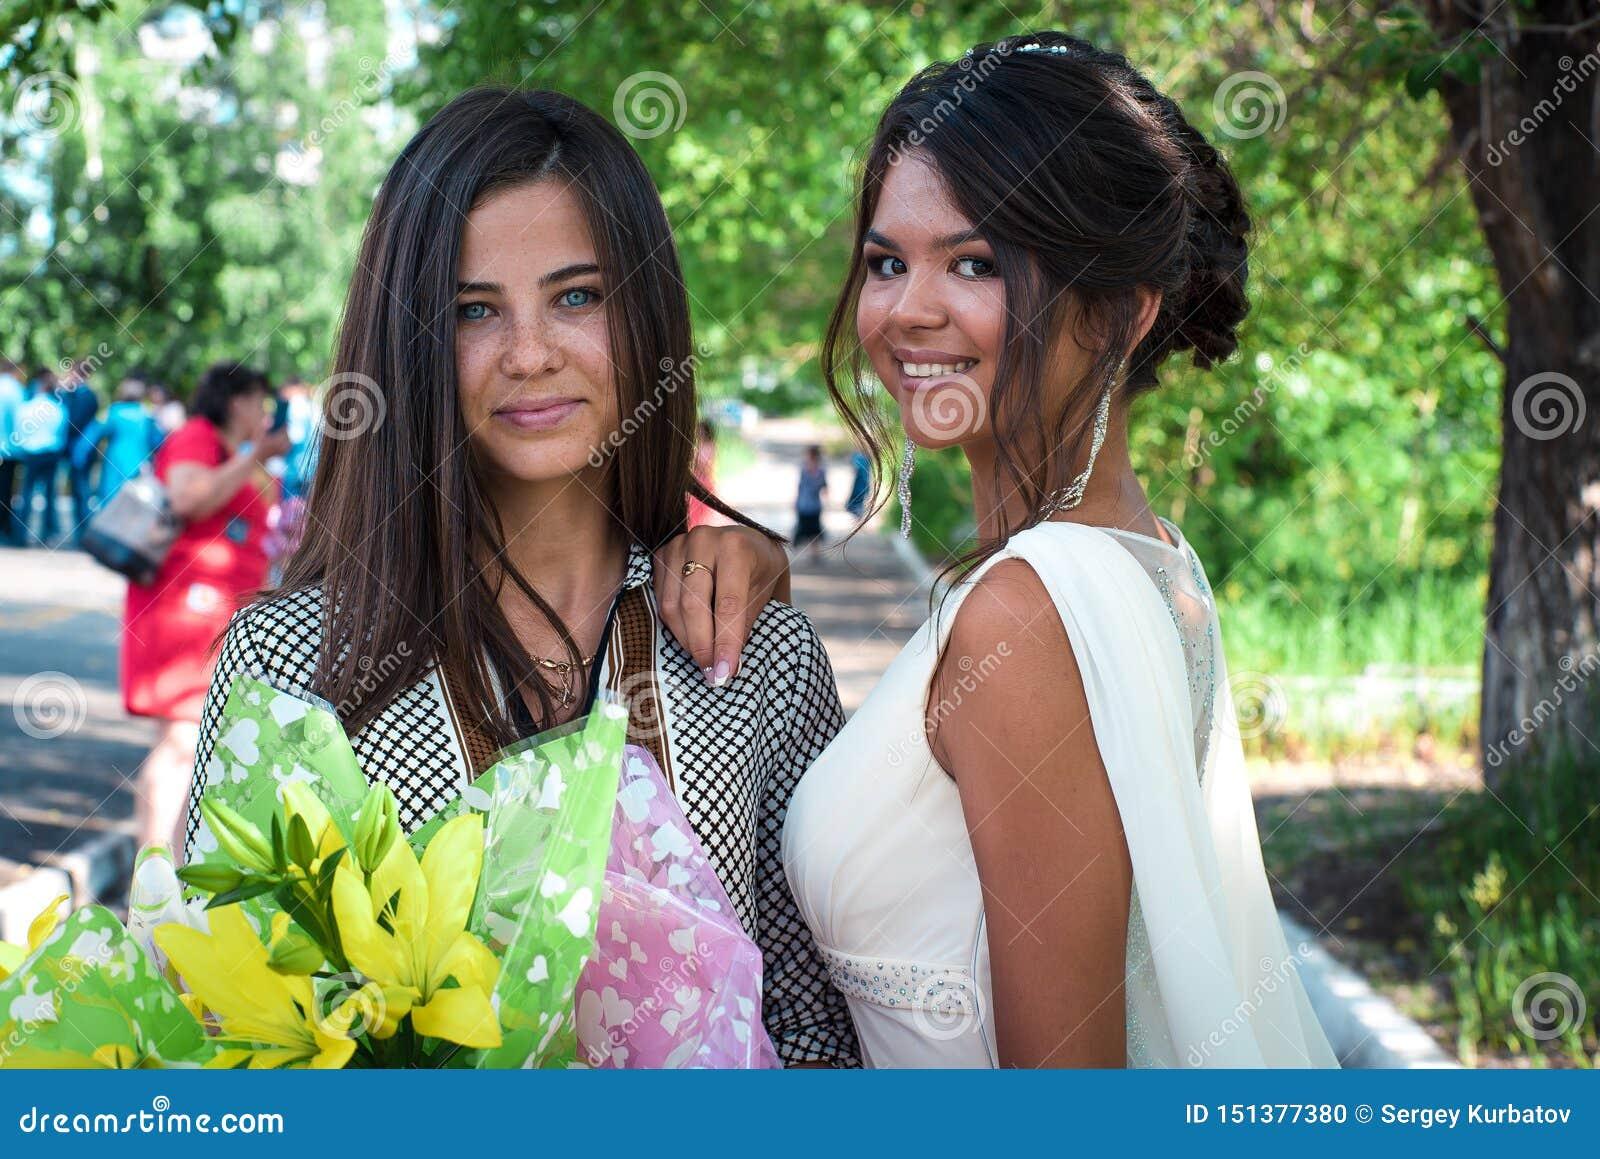 Dos muchachas cerca de un árbol El retrato de una señora de moda hermosa joven está presentando con las flores La belleza de las